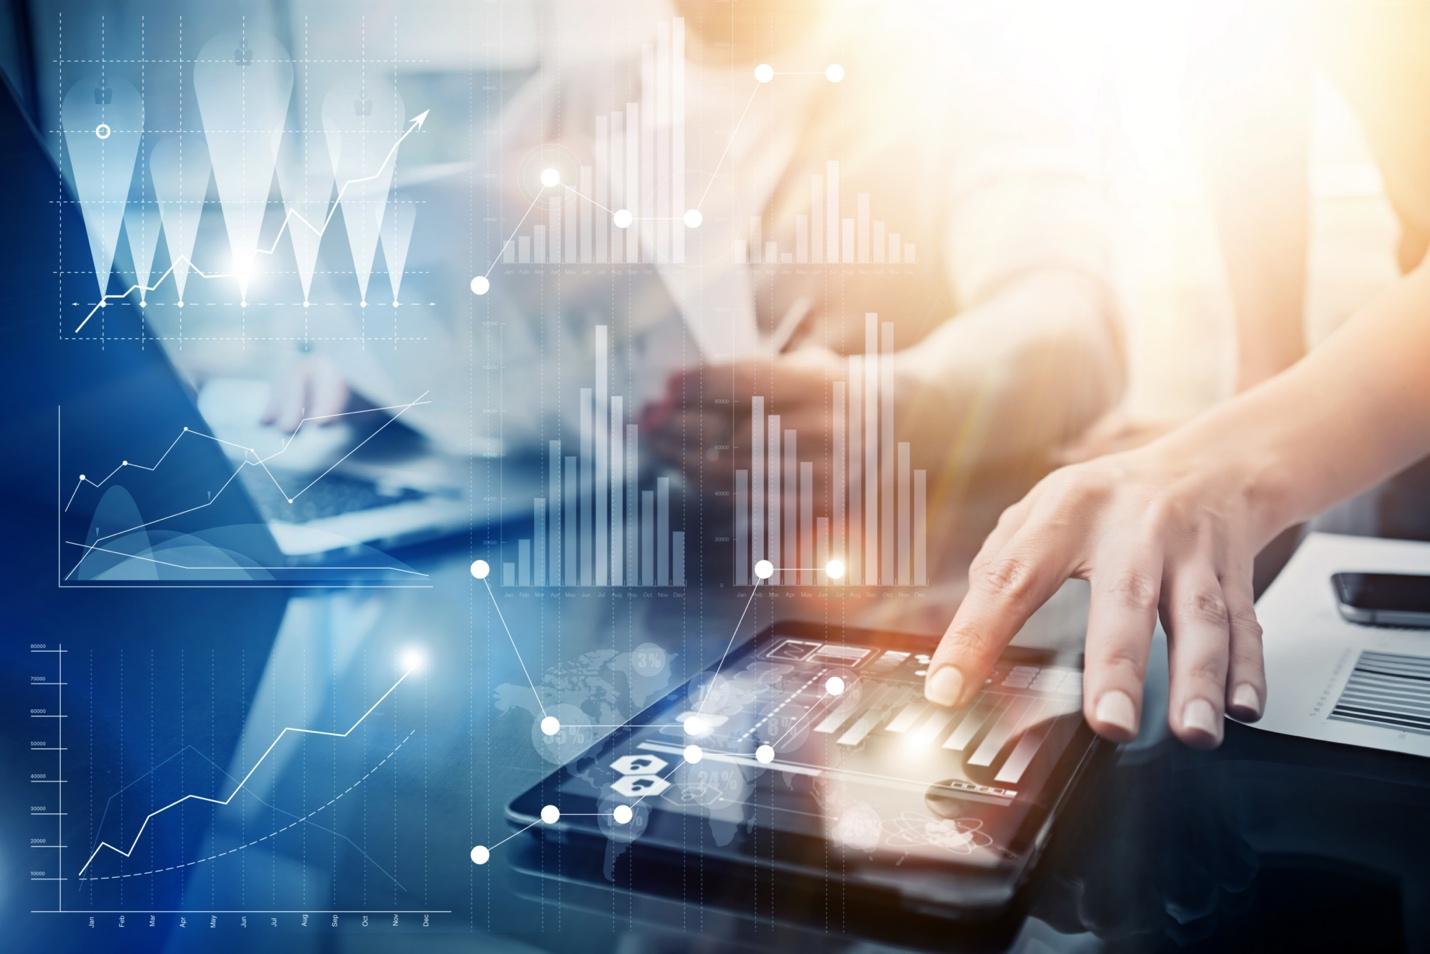 Chuyển đổi số Ngân hàng đang diễn ra ngày càng mạnh mẽ và rõ ràng, là hướng đi tất yếu của Ngân hàng.